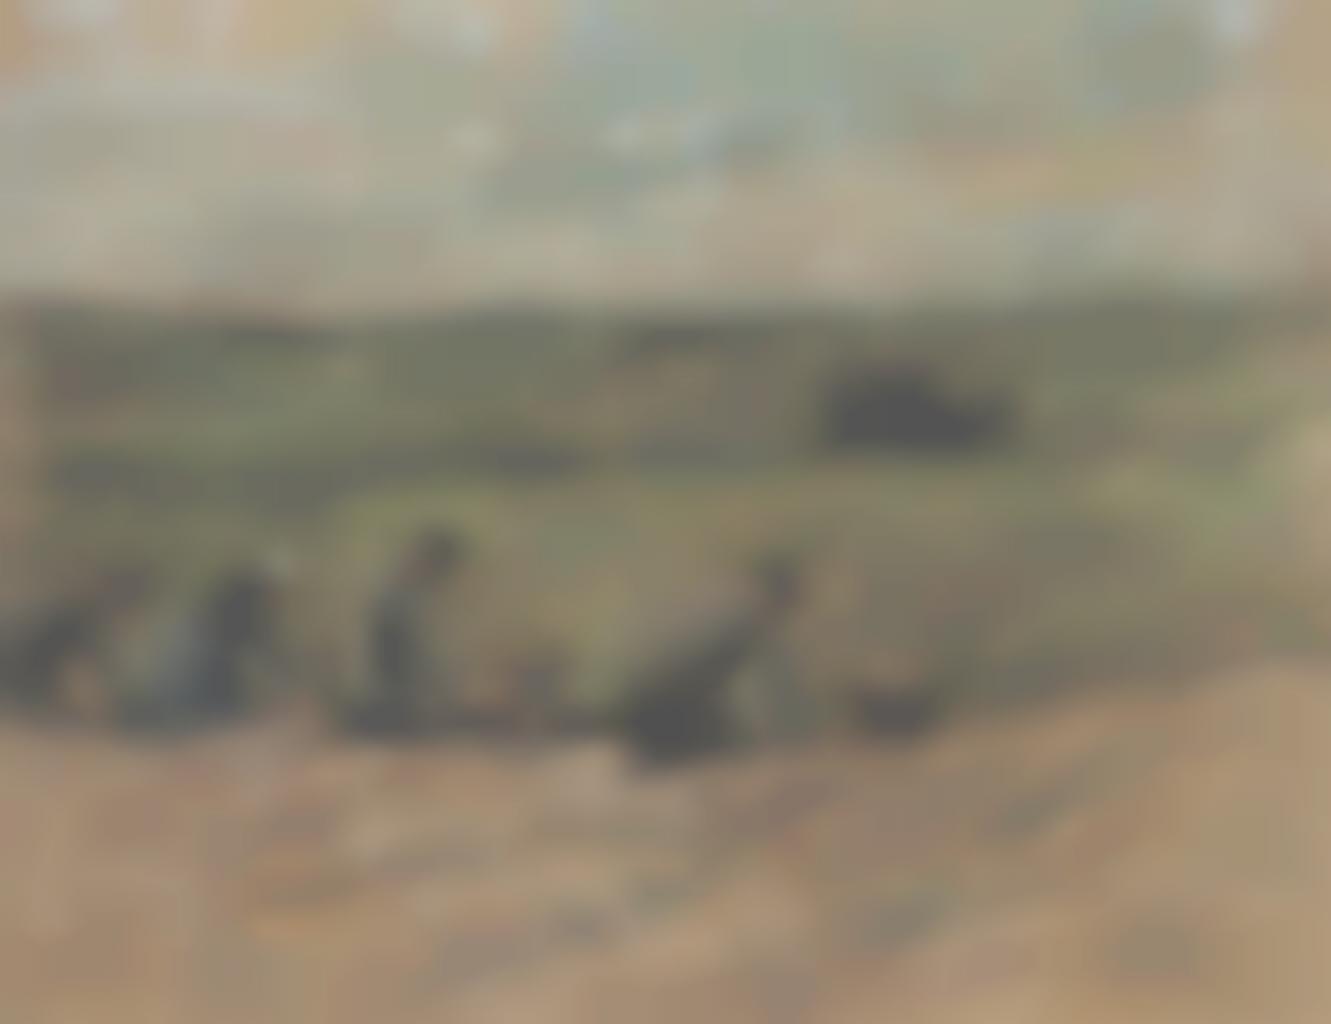 Max Liebermann-Kartoffelgraber bei Zandvoort-1894